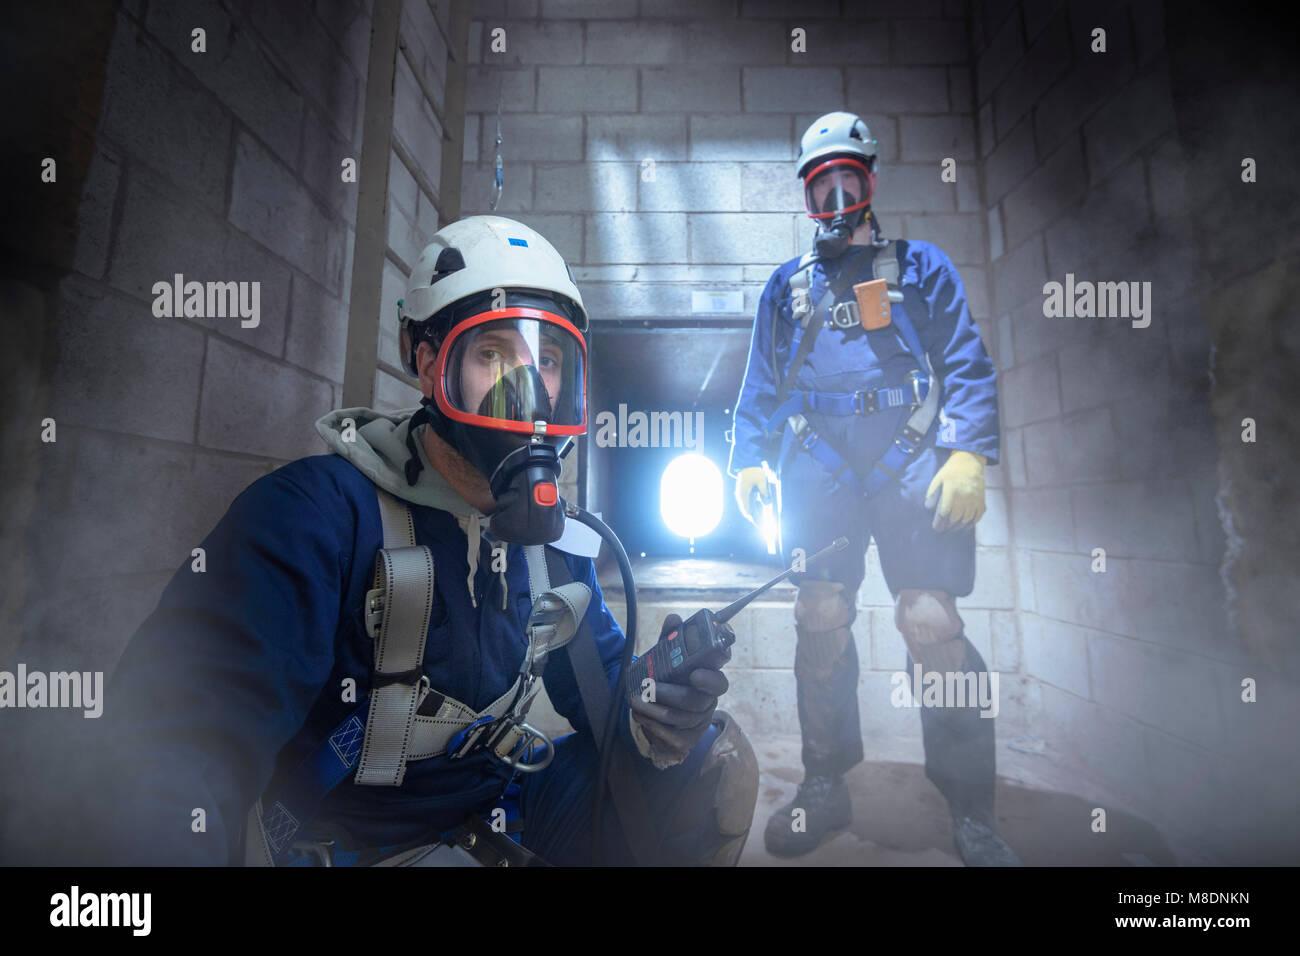 Gli ingegneri apprendisti nello spazio racchiuso formazione antincendio Immagini Stock